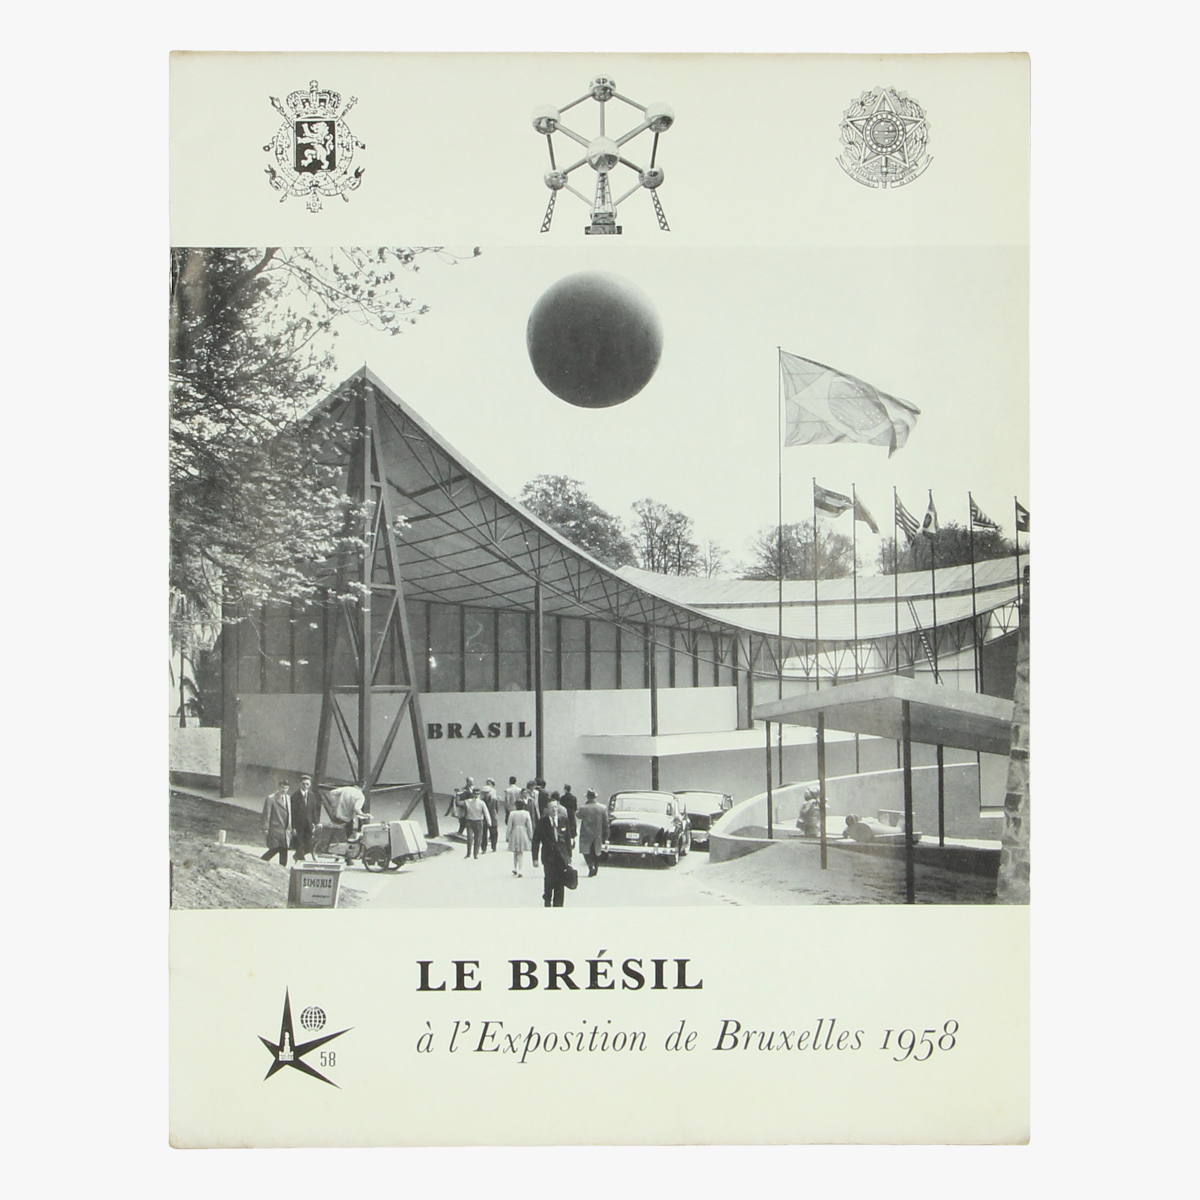 Afbeeldingen van expo 58 le brésil a l' exposition de bruxelles 1958 brasil